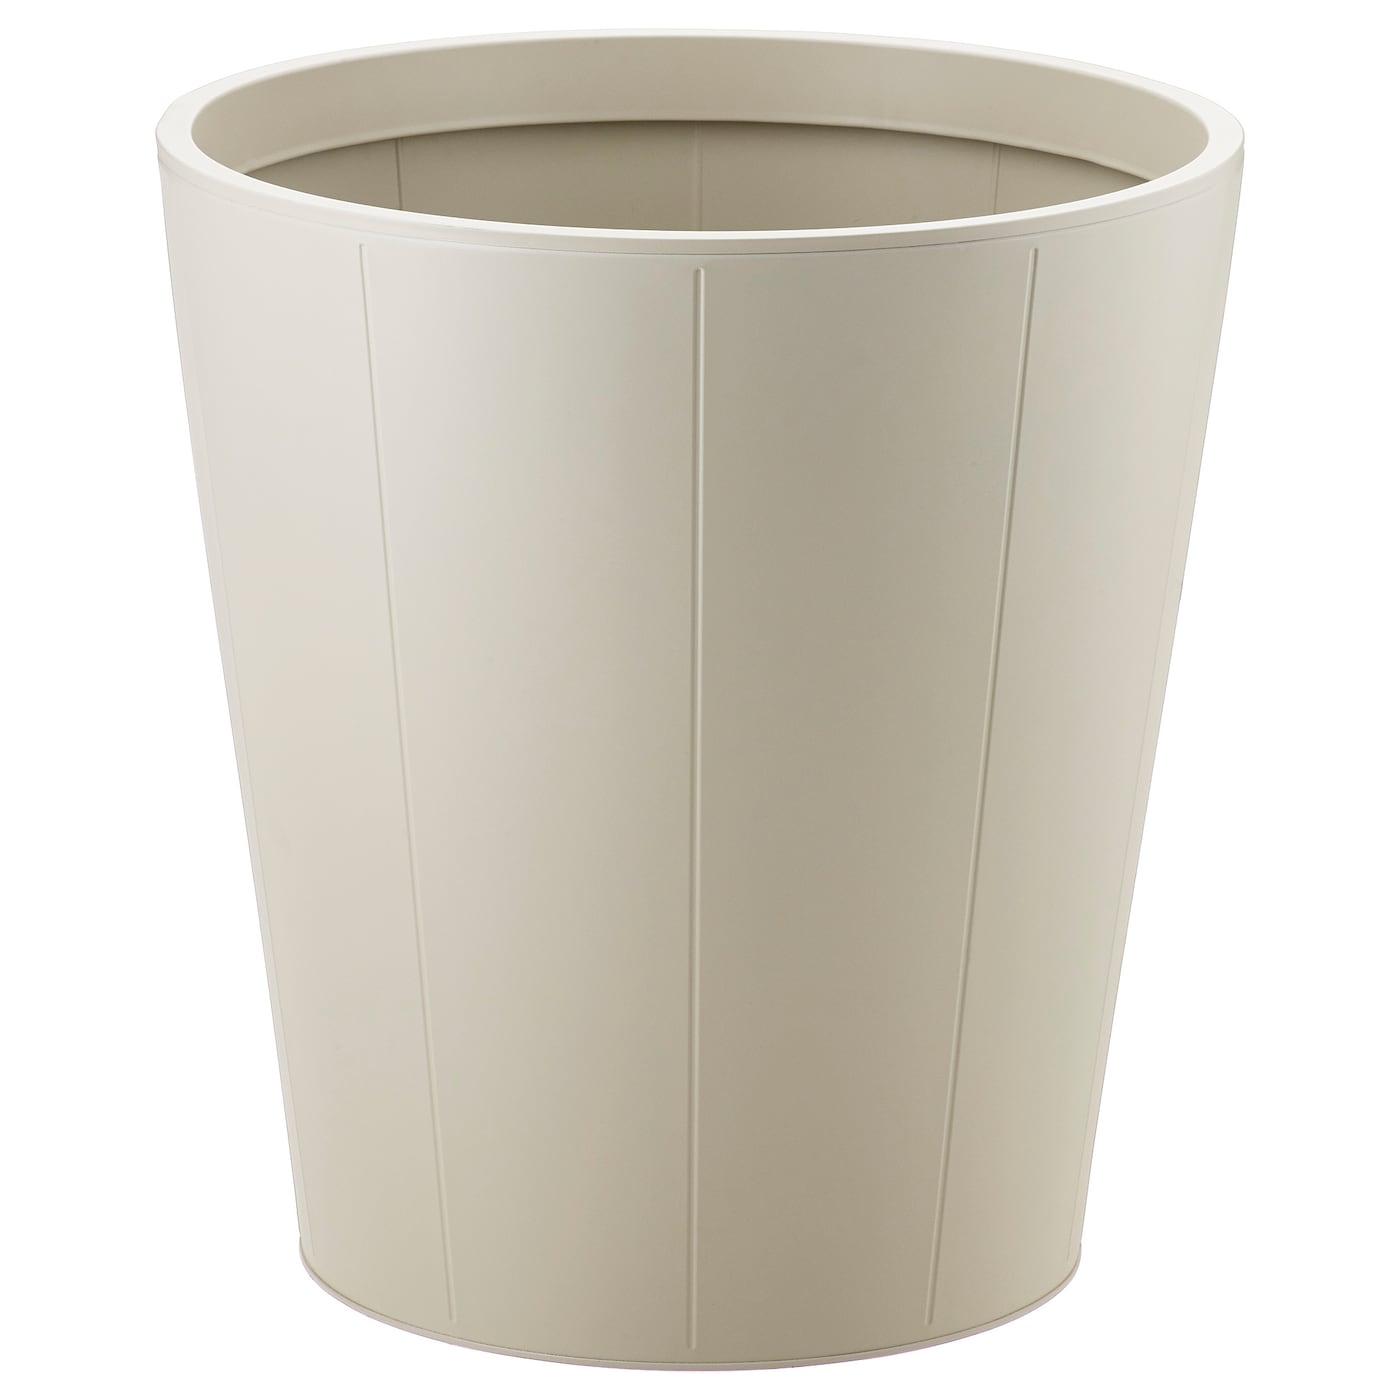 Gr set cache pot ext rieur beige 52 cm ikea for Cache pots exterieur